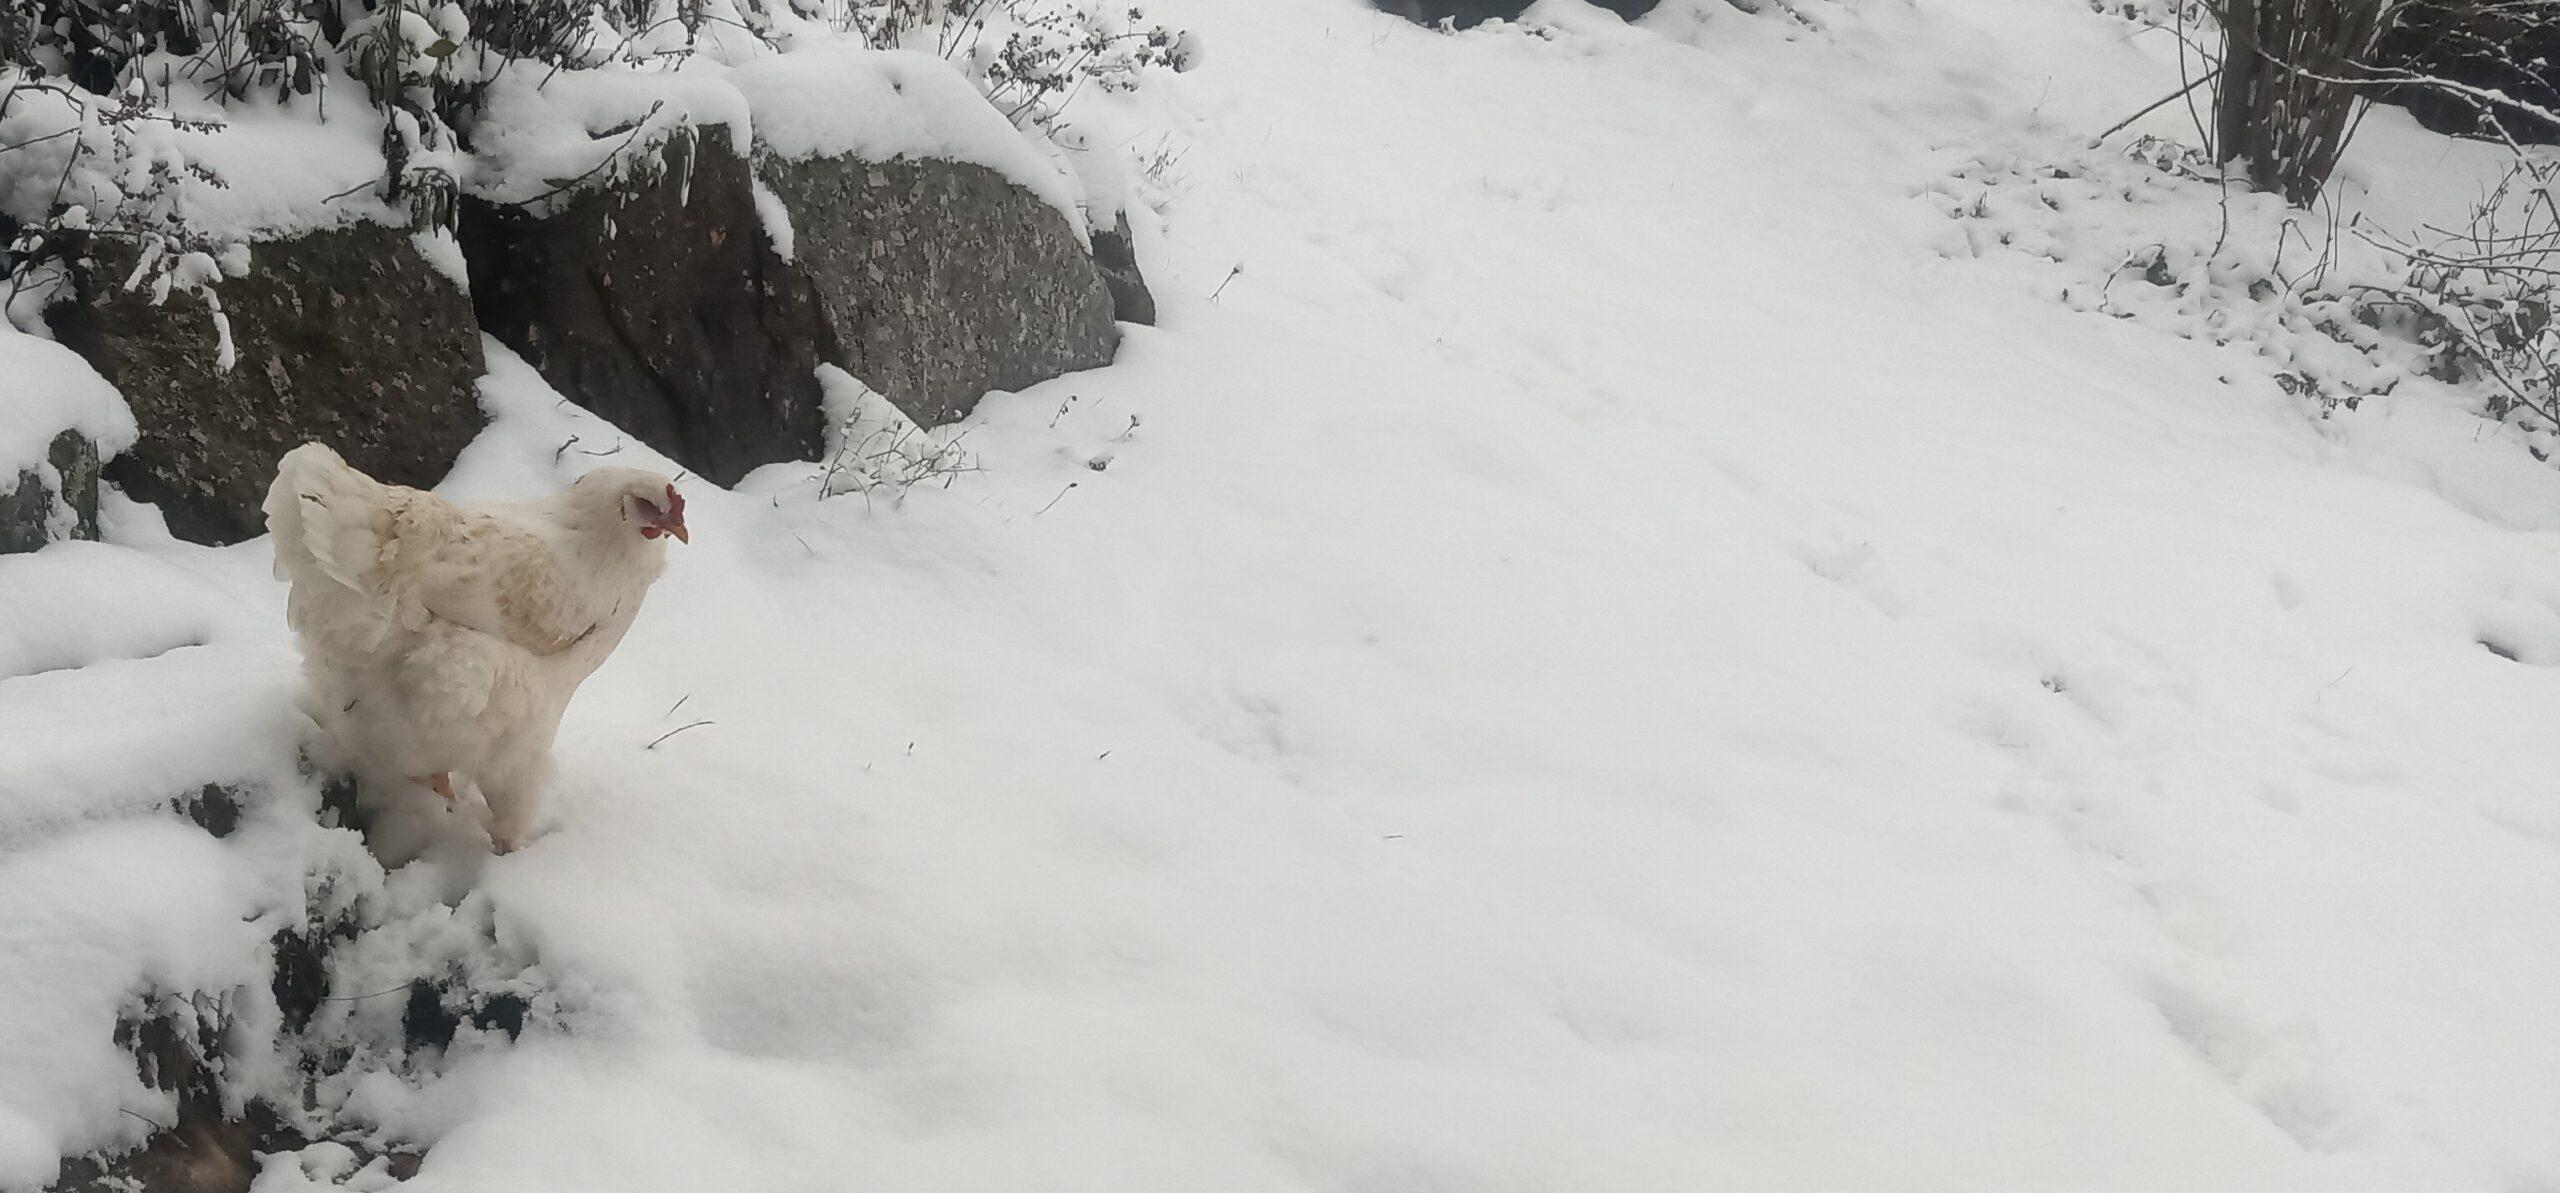 Junghuhn im Schnee